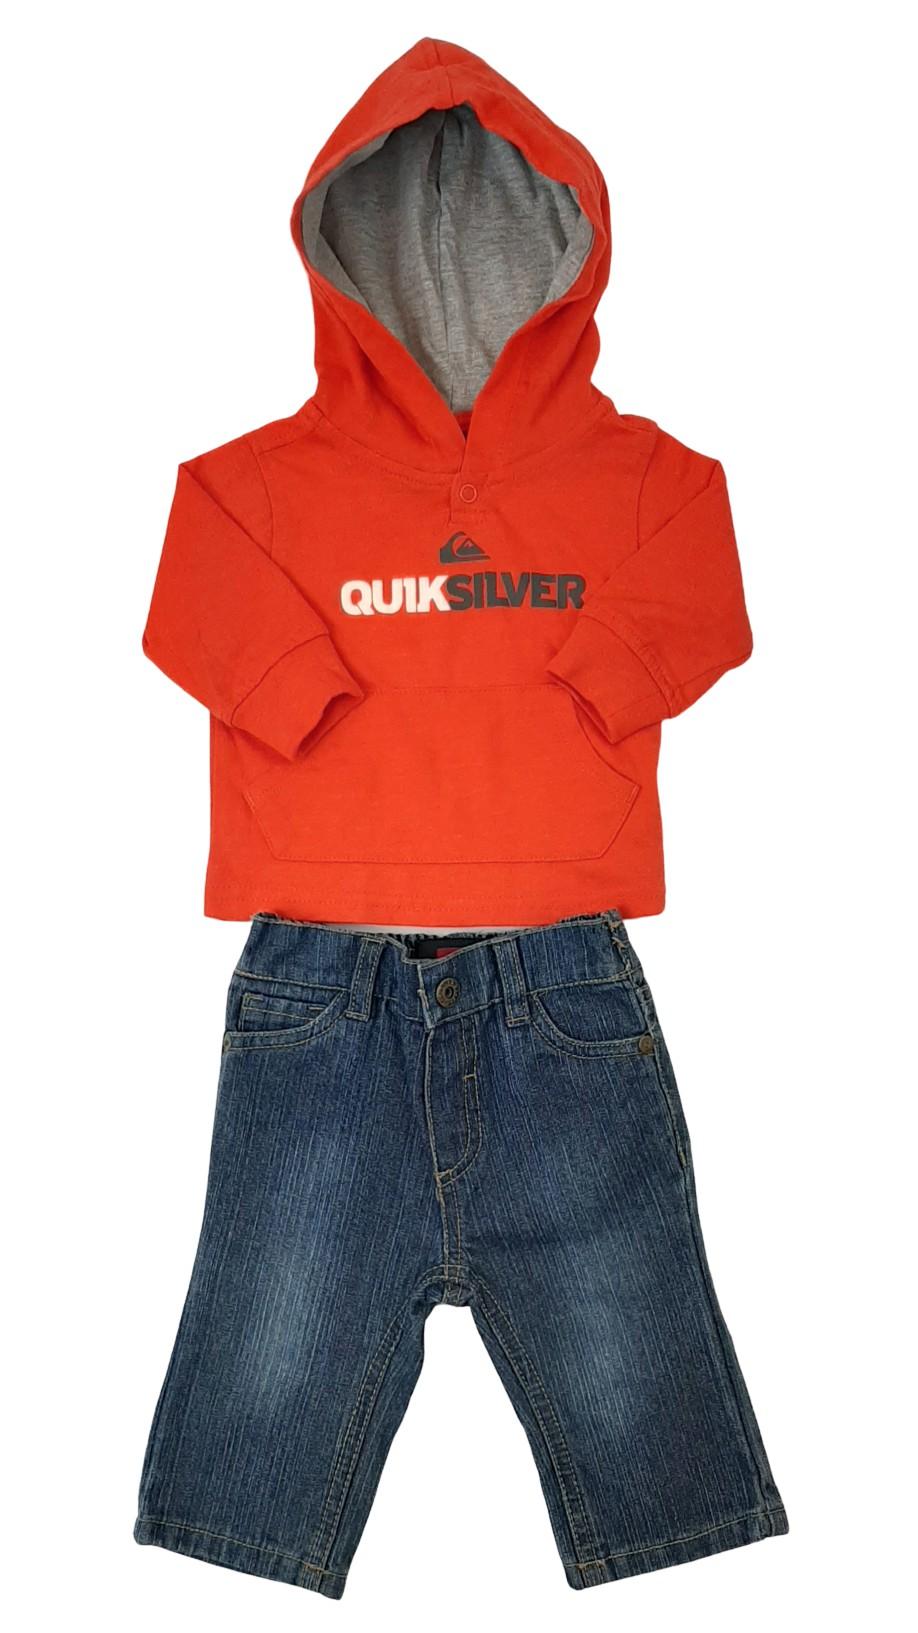 Ensemble 2 pièces : chandail et pantalon jean 1